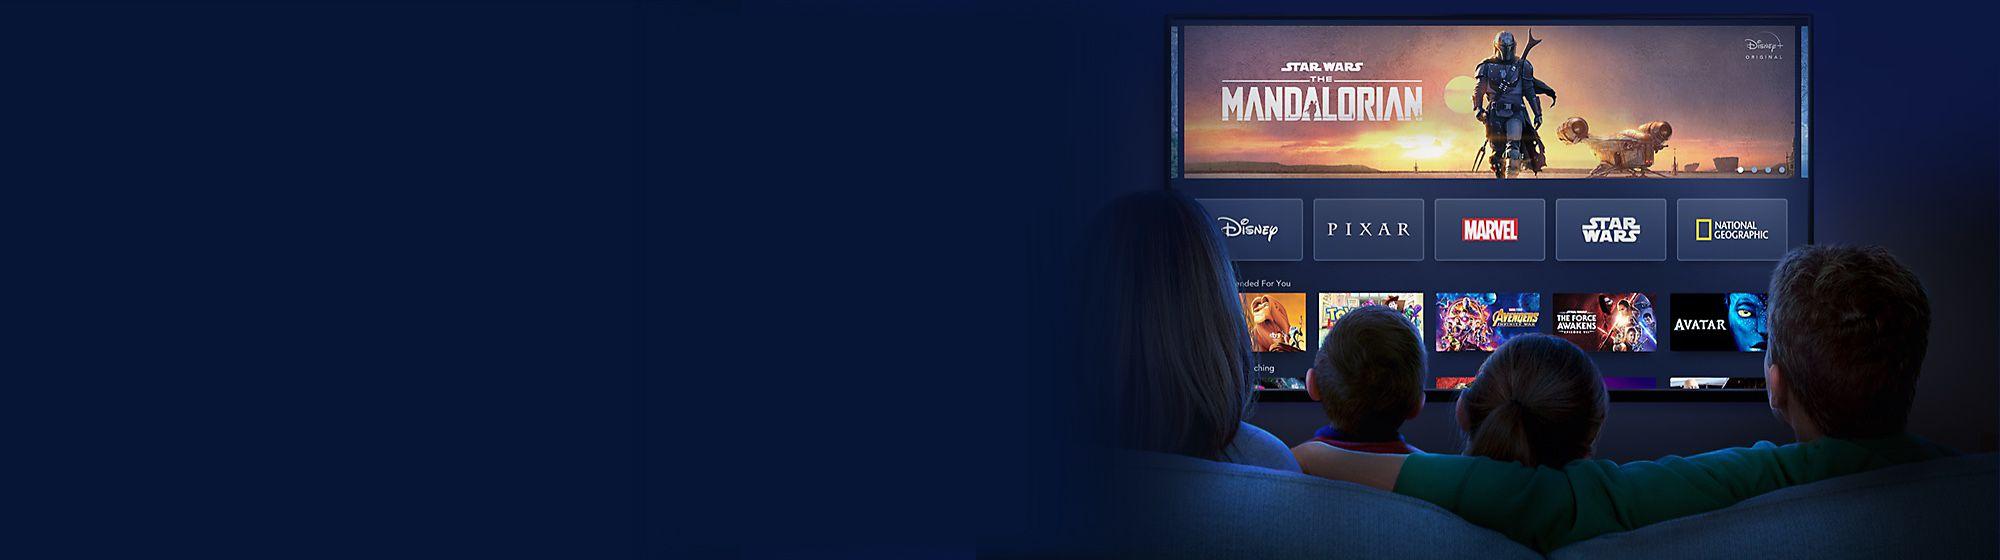 Prodotti Disney+ È iniziato il conto alla rovescia! Disponibile in streaming dal 24 Marzo. 6,99 € al mese. SCOPRI DI PIÙ